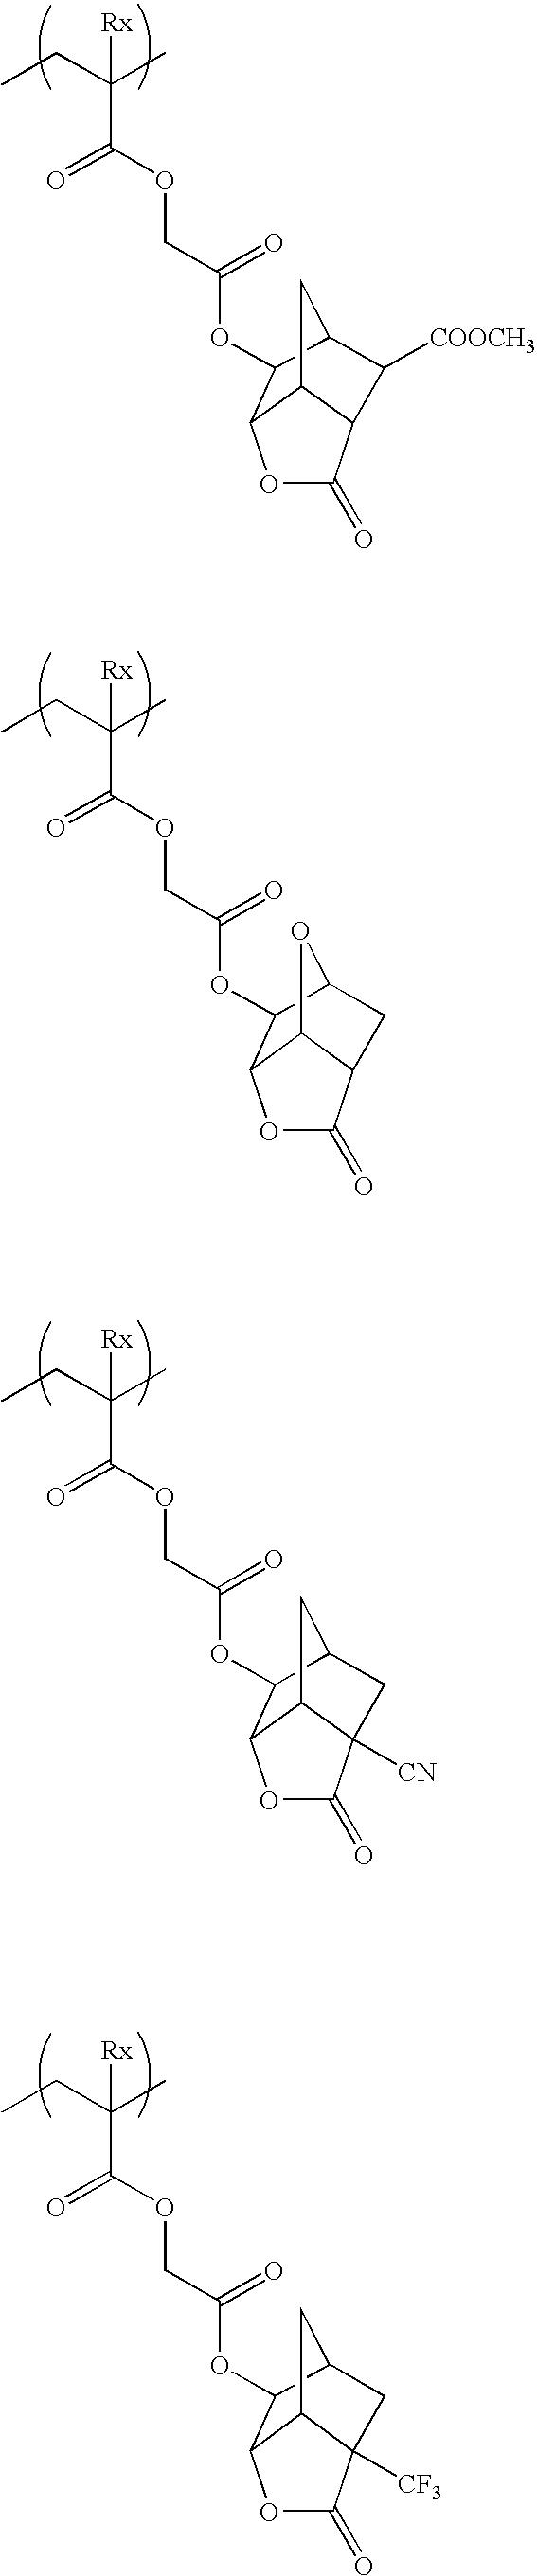 Figure US20100183975A1-20100722-C00135